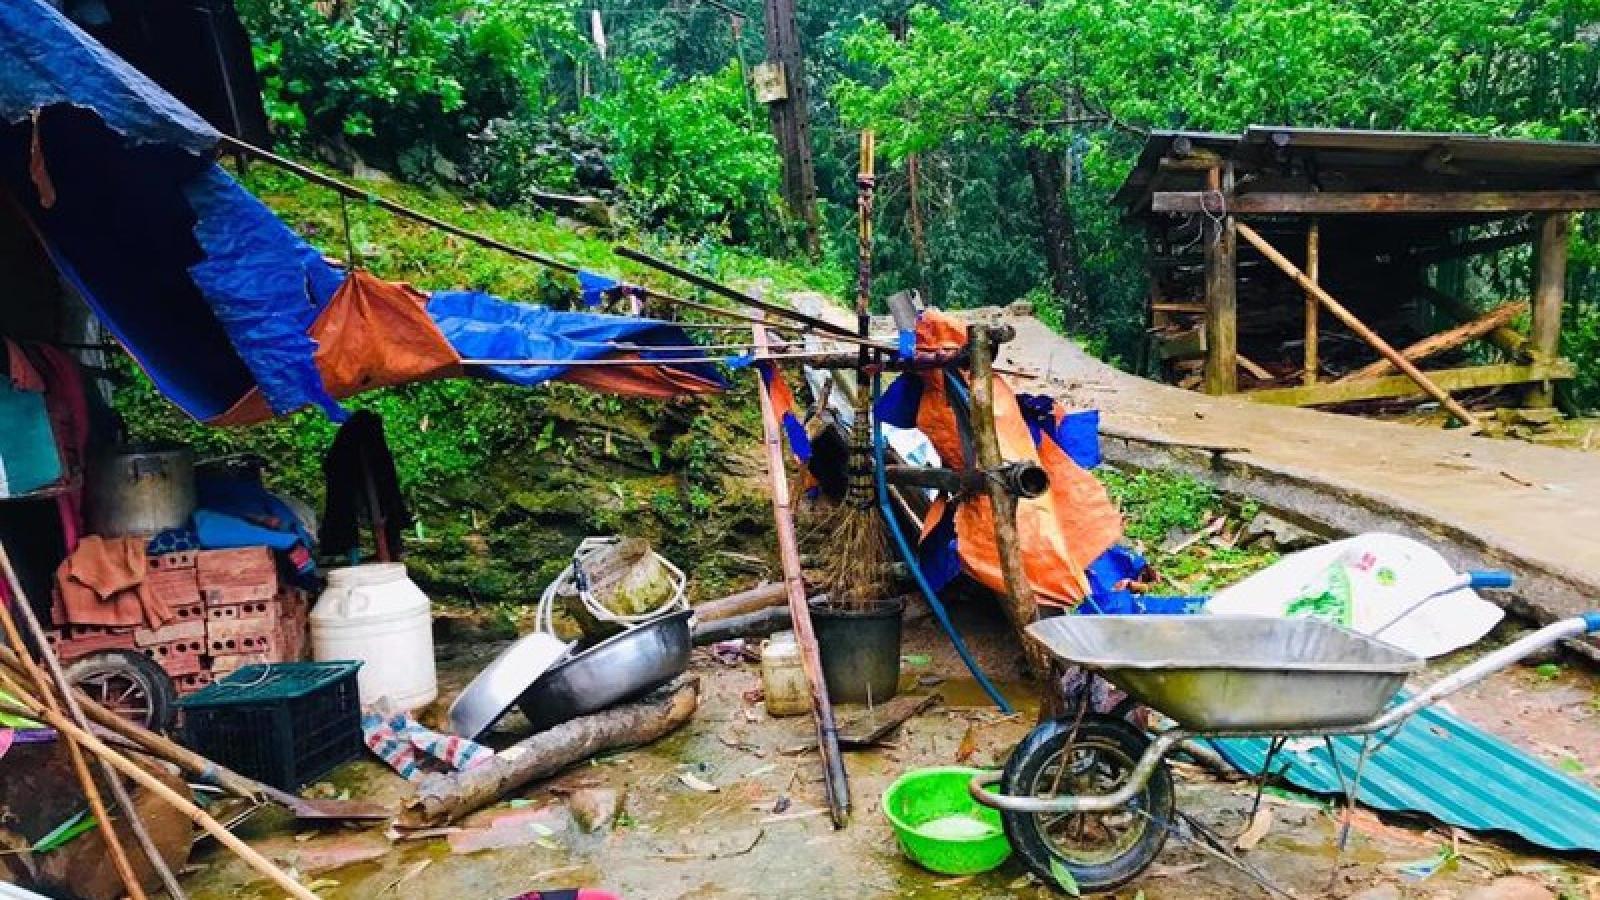 Mưa đá, giông lốc gây hại tại Mường Khương, Lào Cai